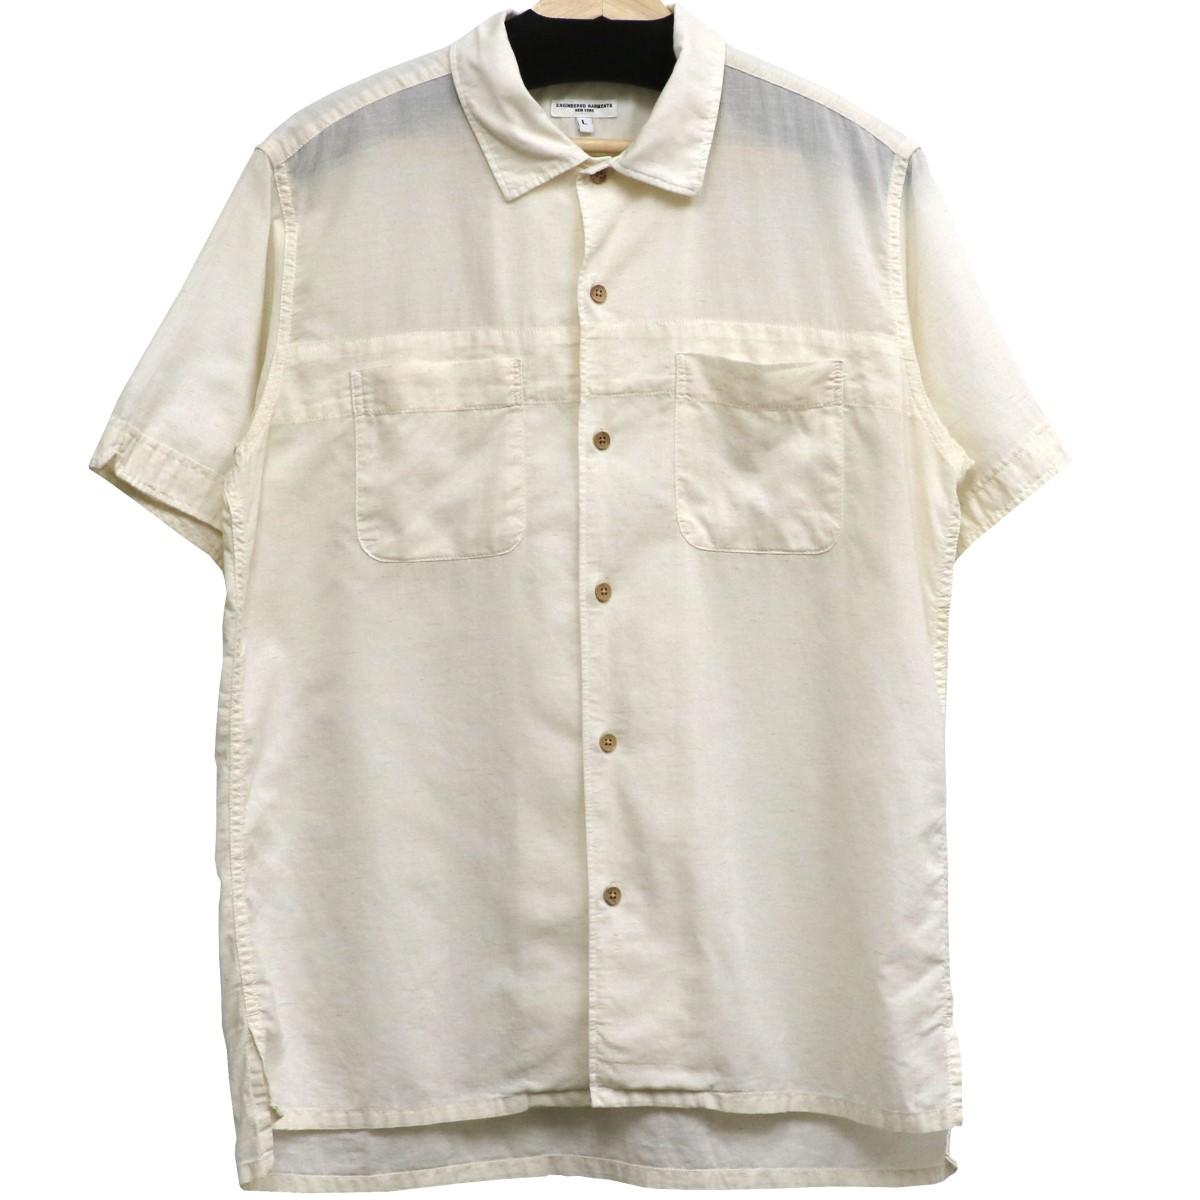 【中古】Engineered Garments リネン混ボタンシャツ オフホワイト サイズ:L 【030520】(エンジニアードガーメンツ)